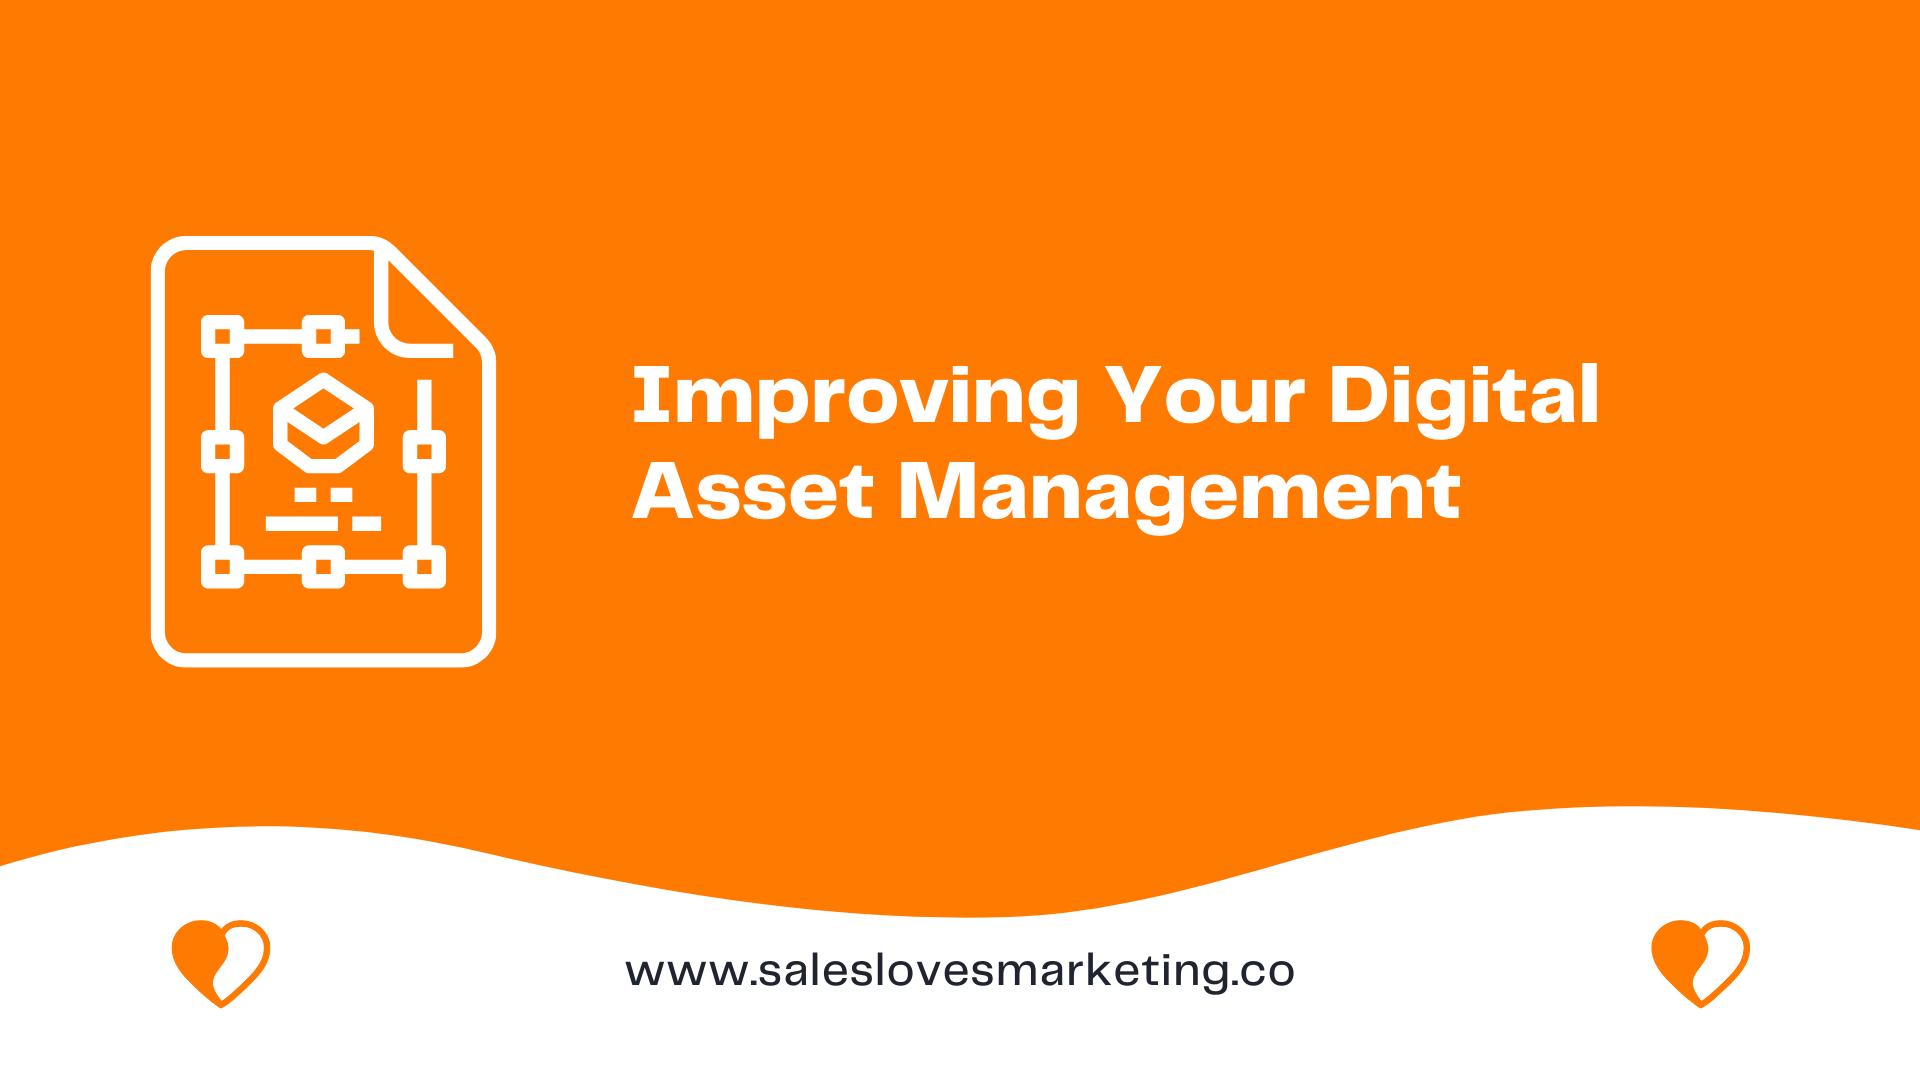 improving your digital asset management